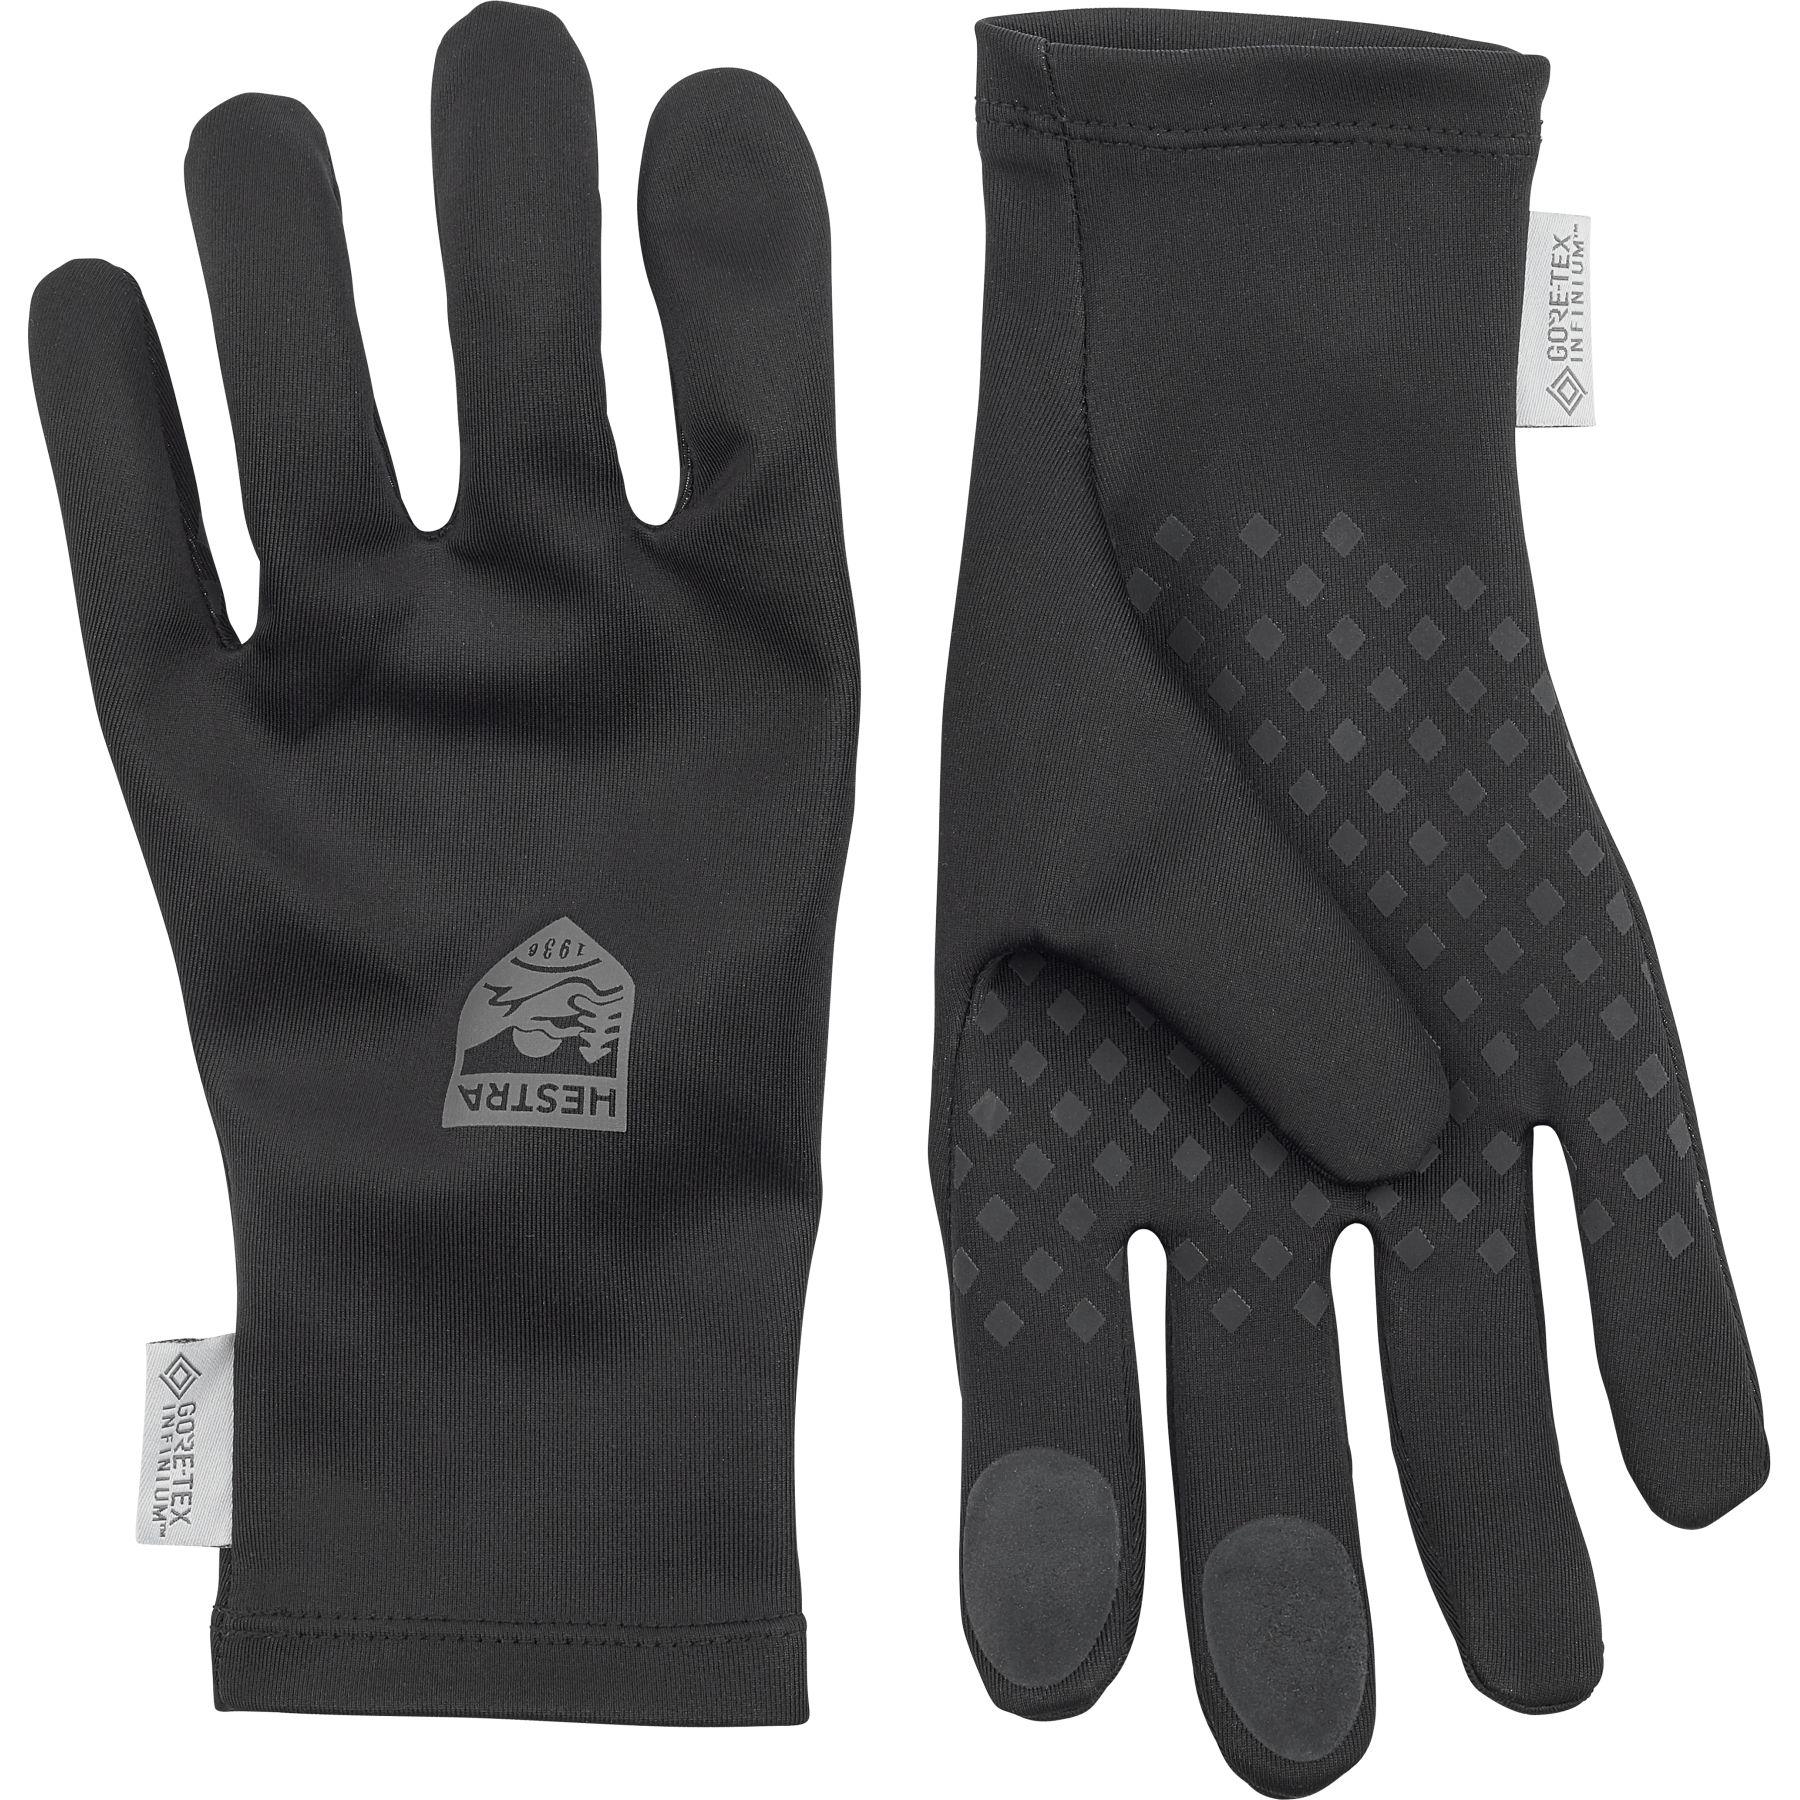 Produktbild von Hestra Infinium Stretch Liner Light - 5 Finger Handschuhe - black